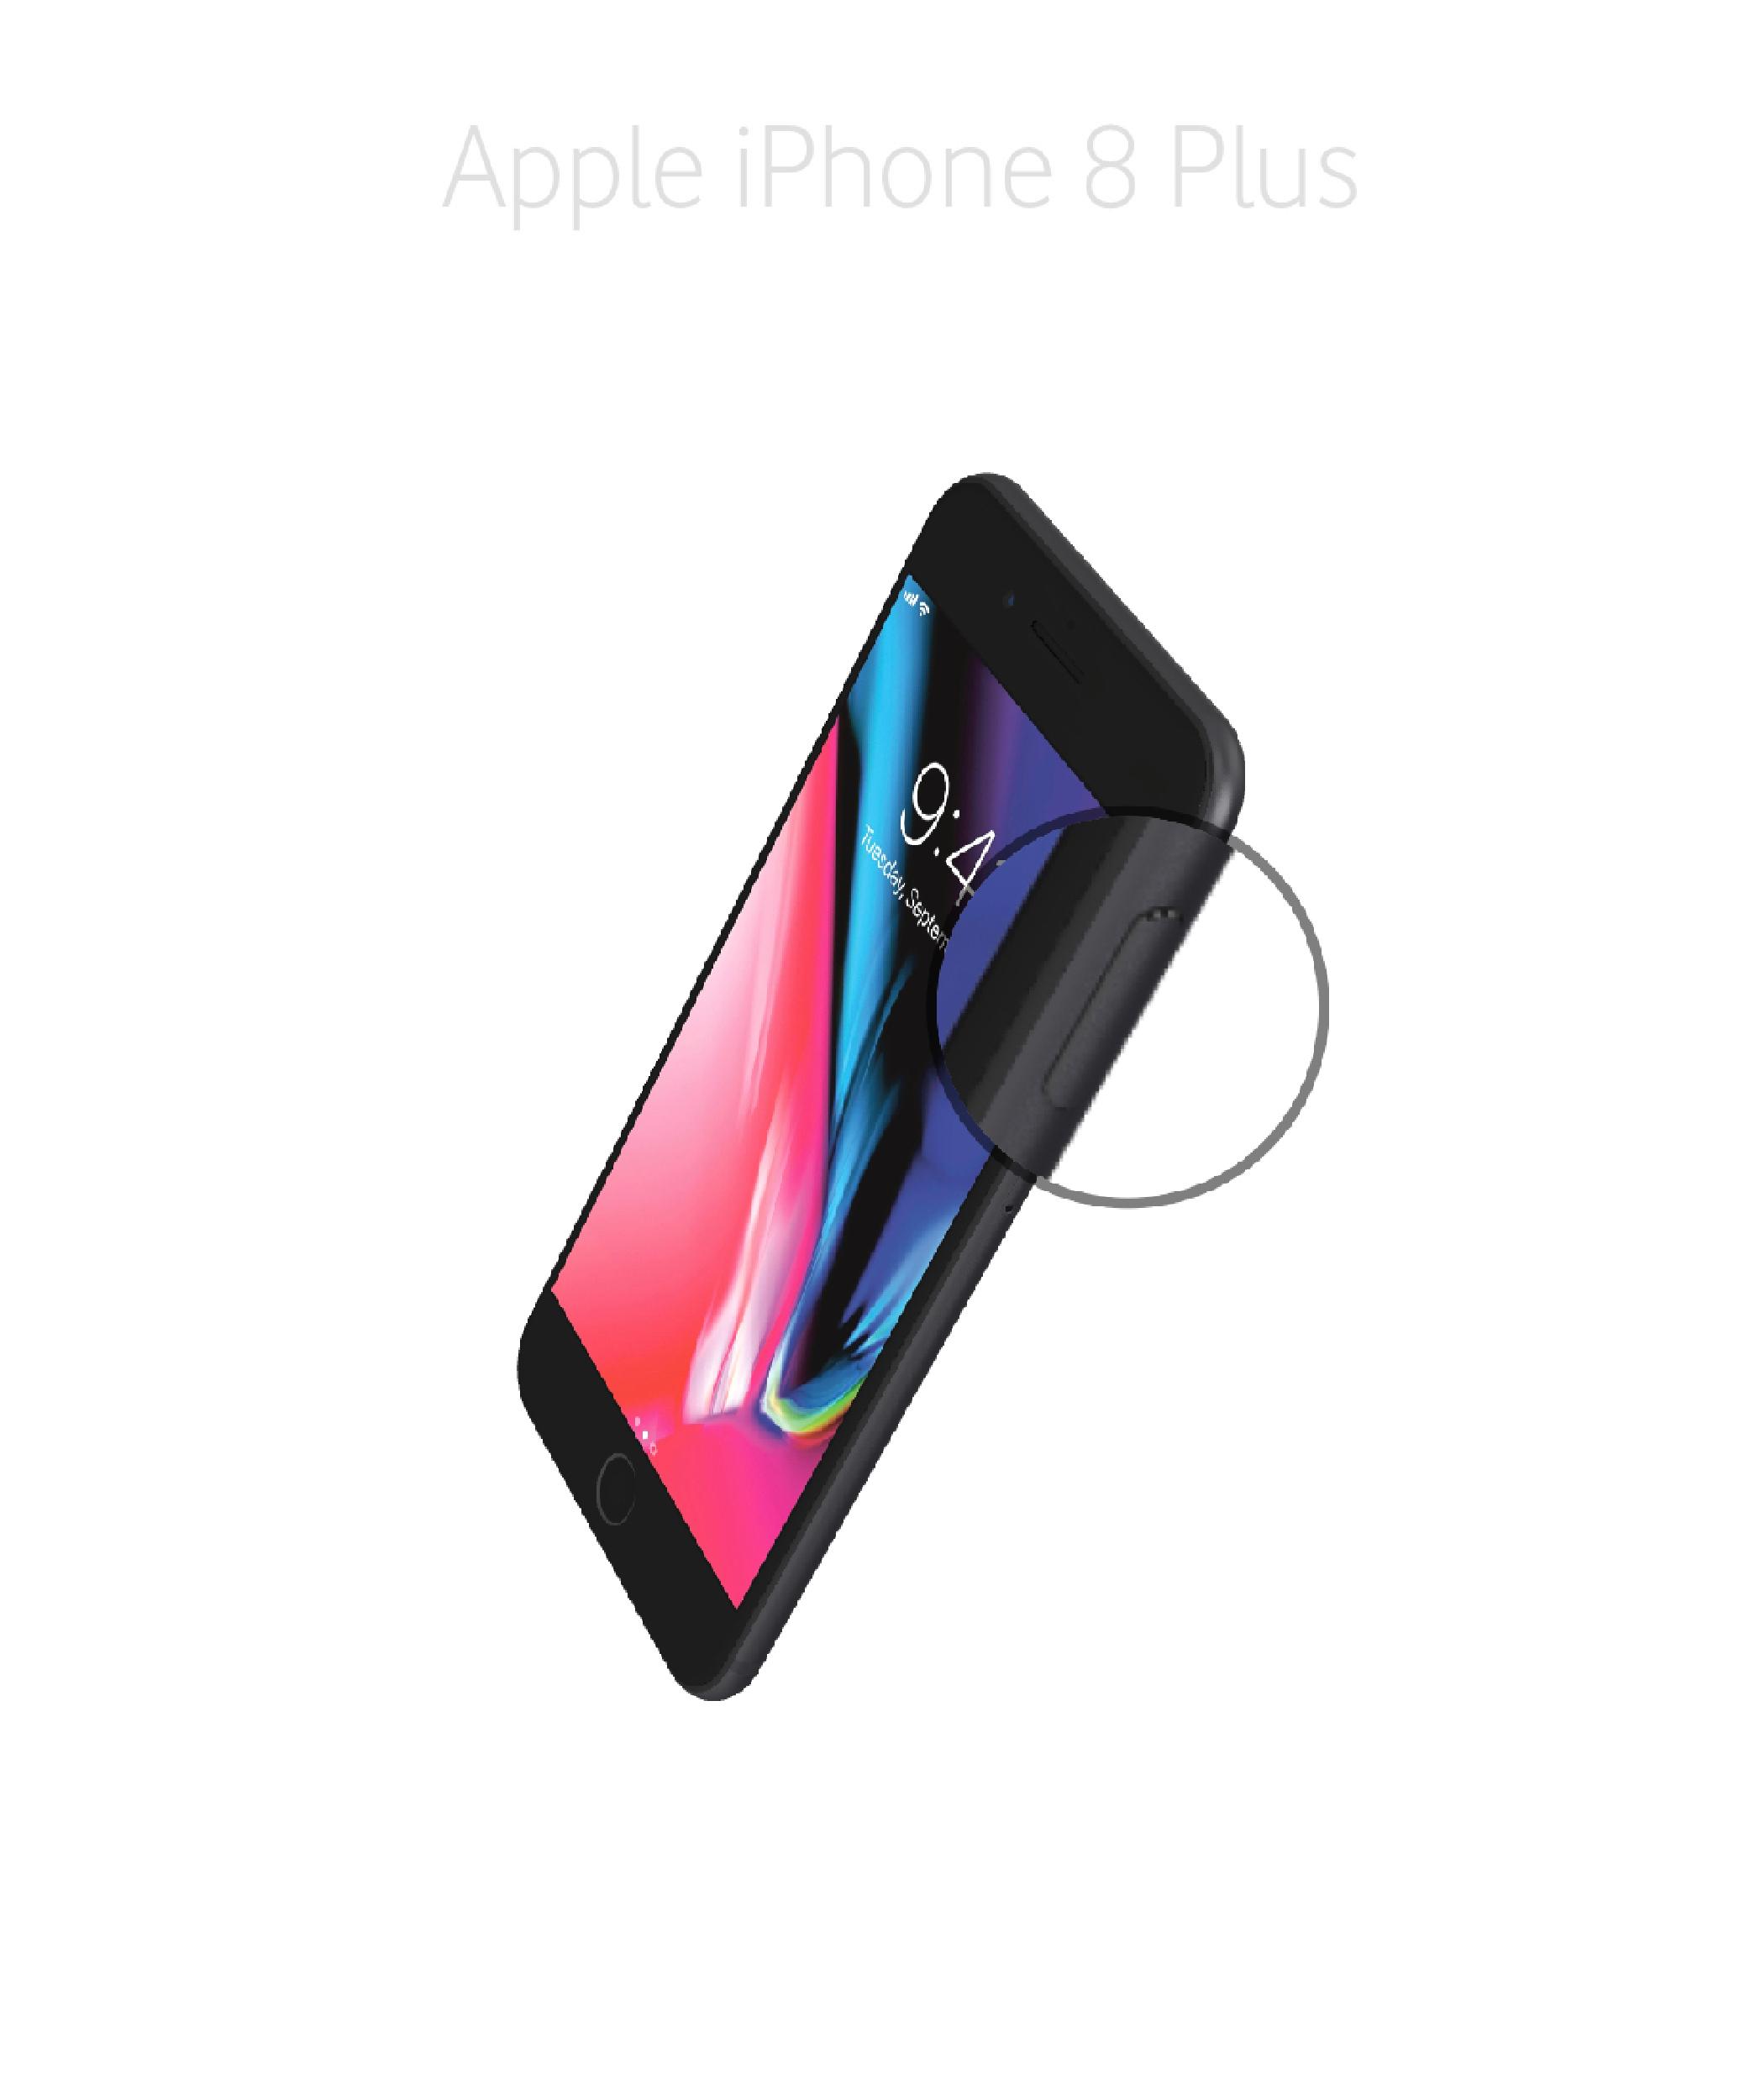 Laga onoffknapp iPhone 8 plus